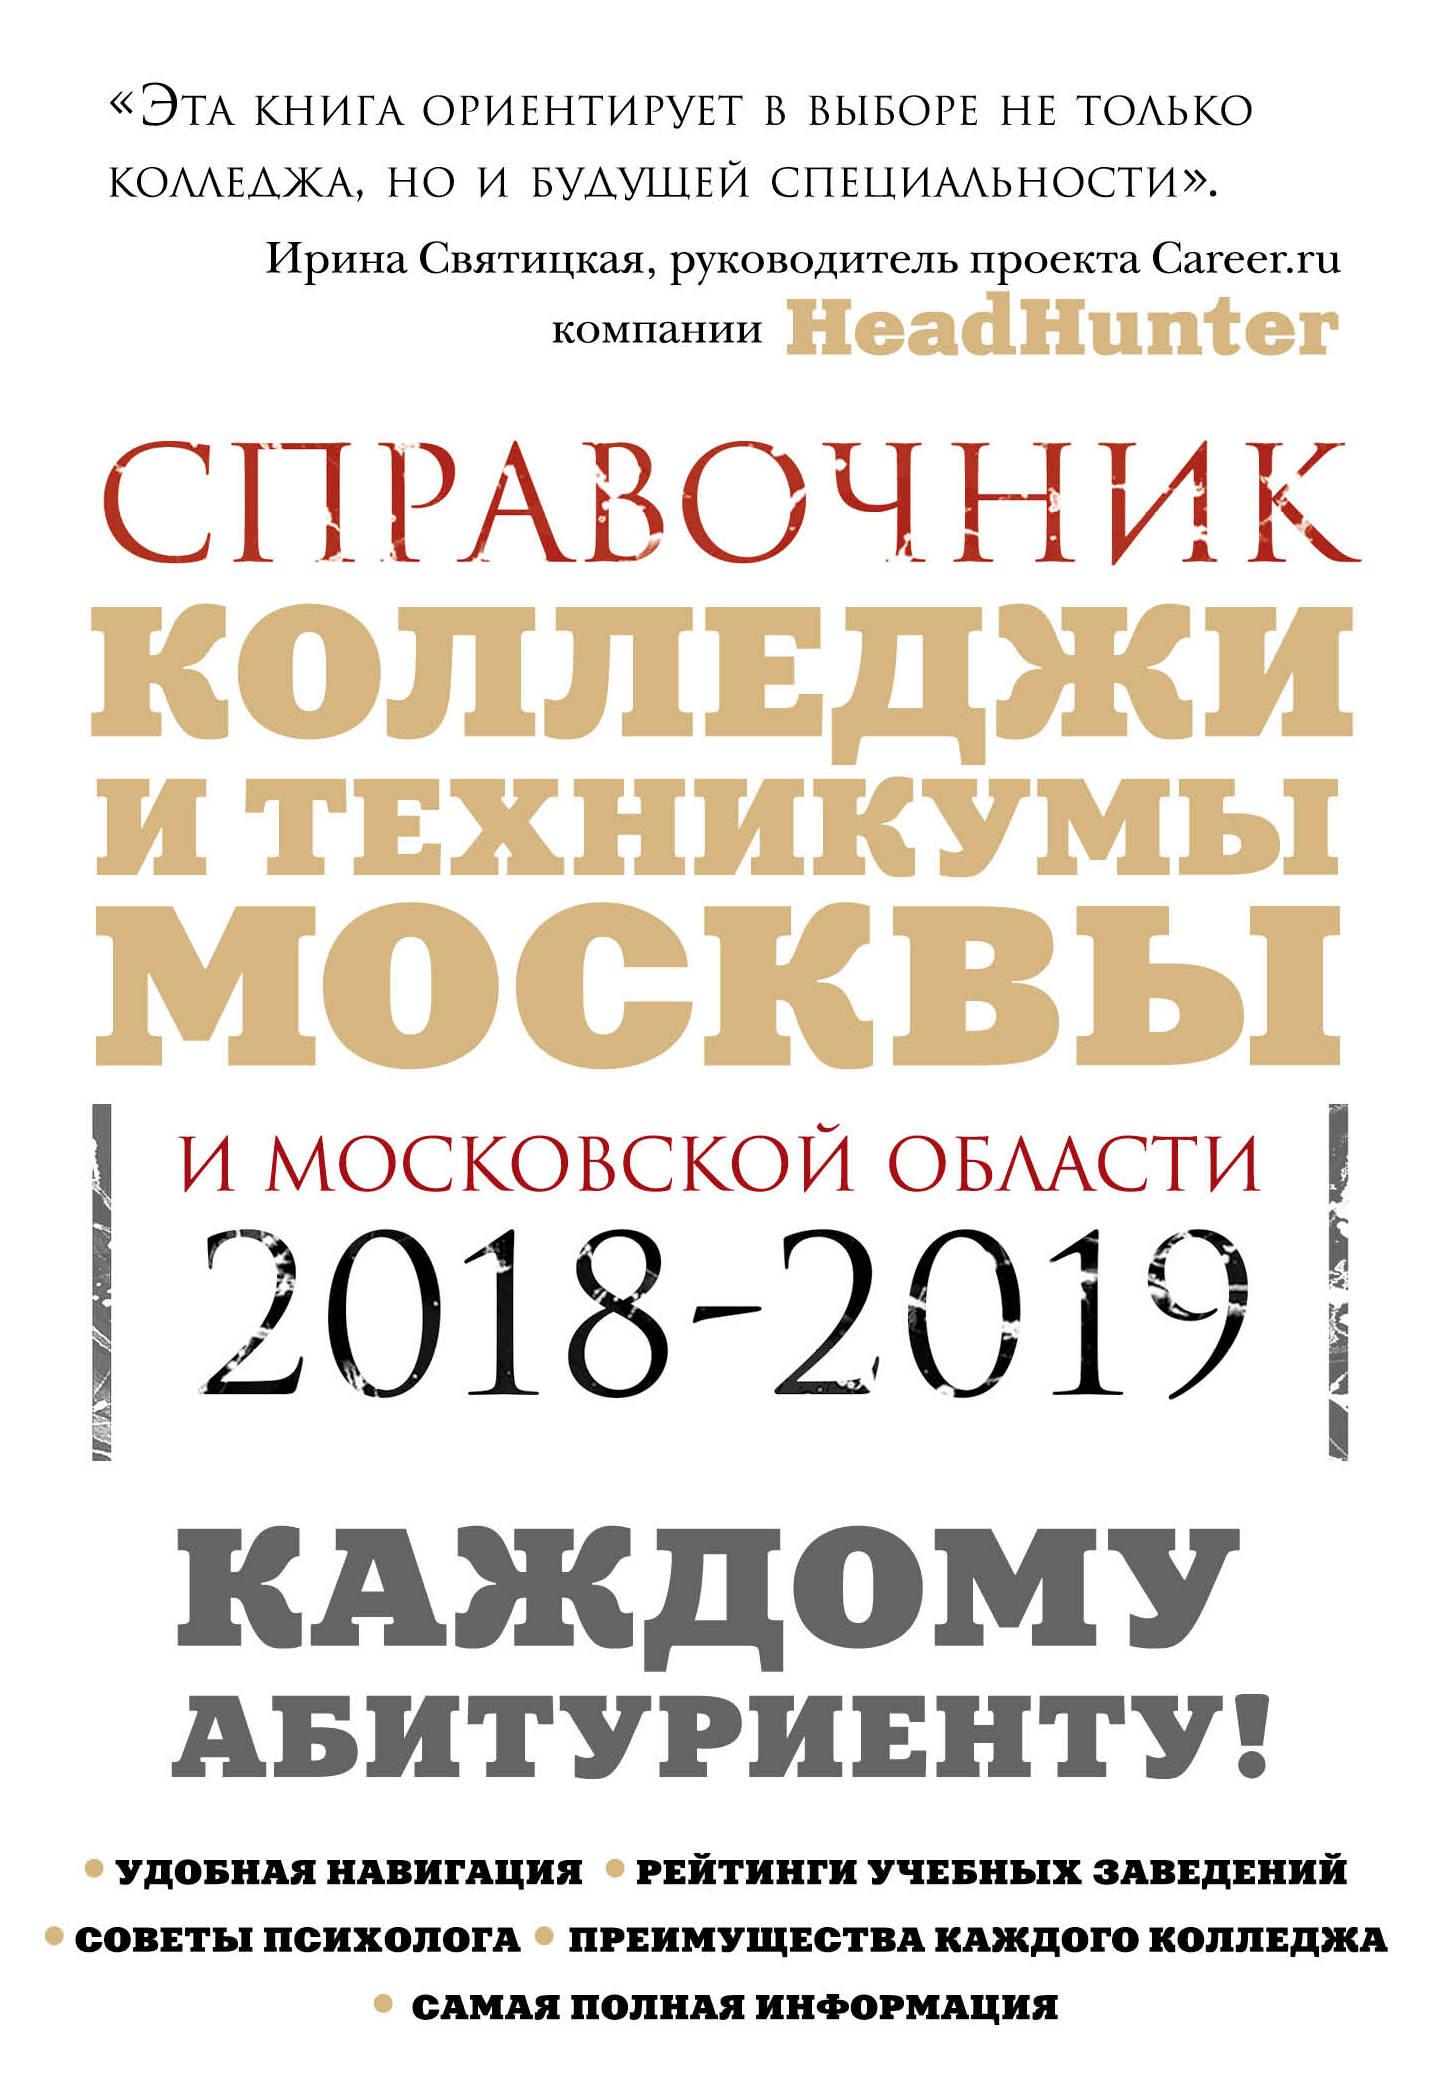 Ольга Шилова Колледжи Москвы и Московской области. Навигатор по образованию. 2018-2019